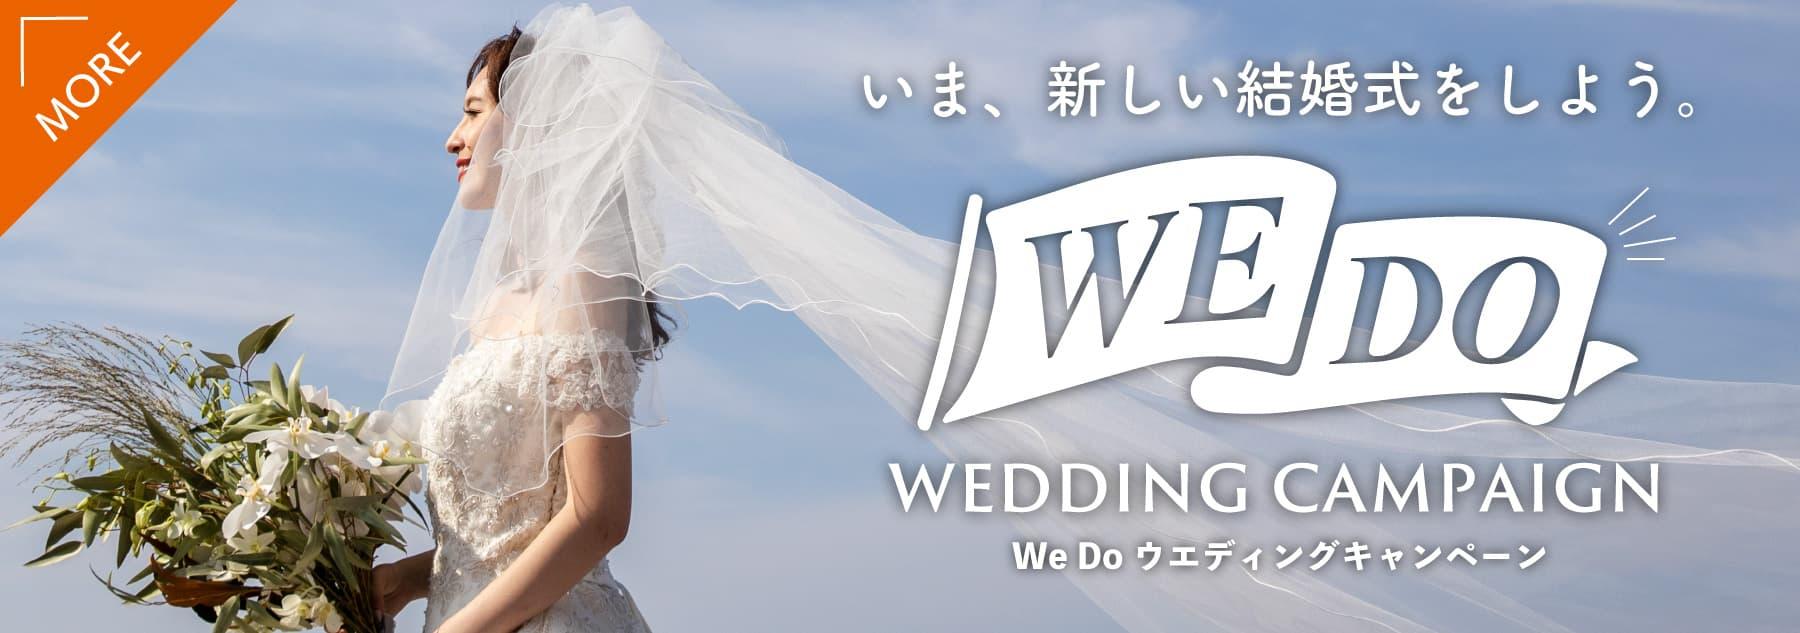 香川県高松市の結婚式場アナザースタイルで結婚式がお得になるWE DO WEDDINGキャンペーン開催中